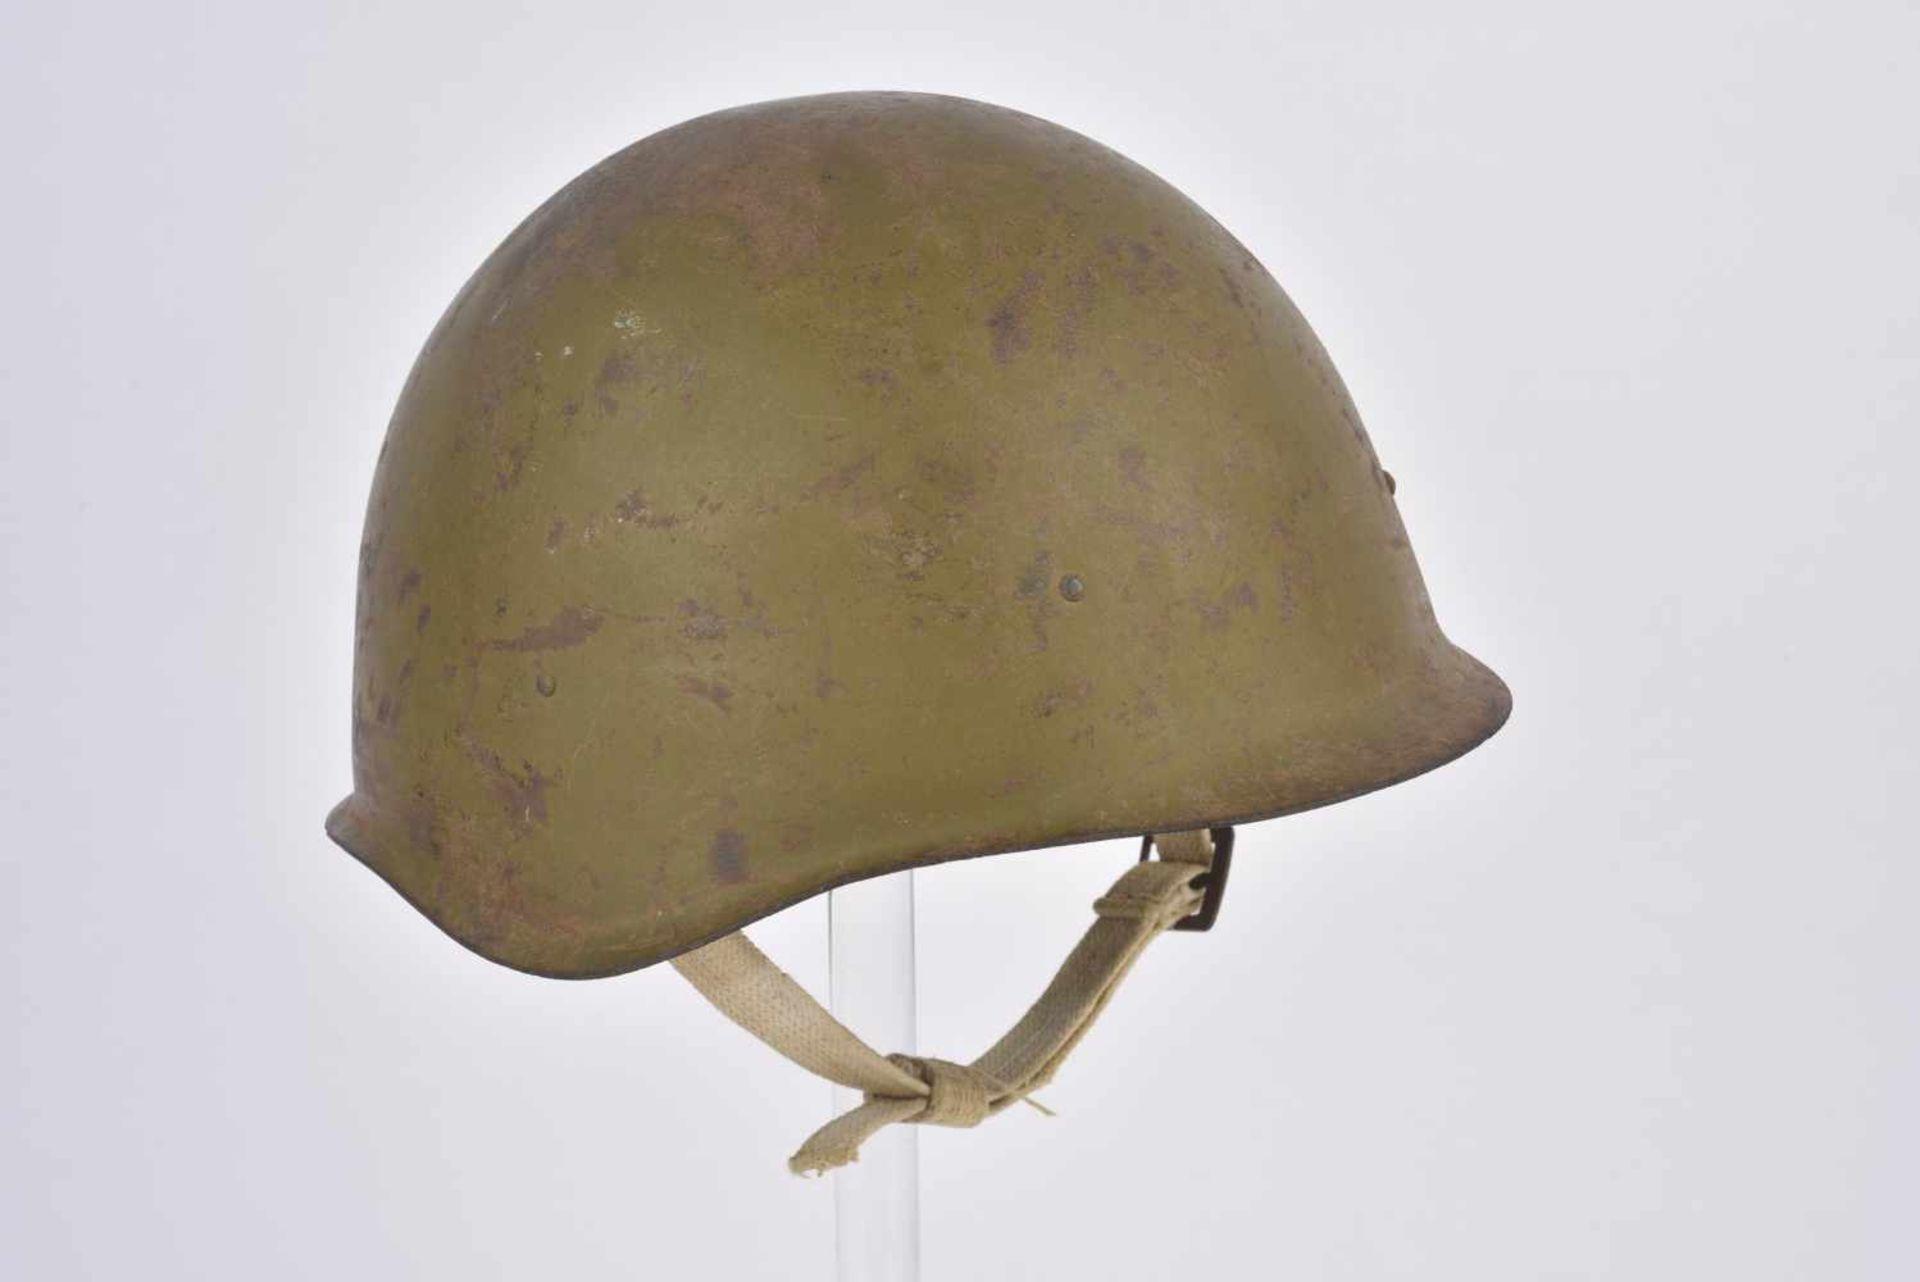 Casque Ssh.40 daté 1944, intérieur à 3 coussinets, jugulaire blanchâtre, fabrication de l'Usine